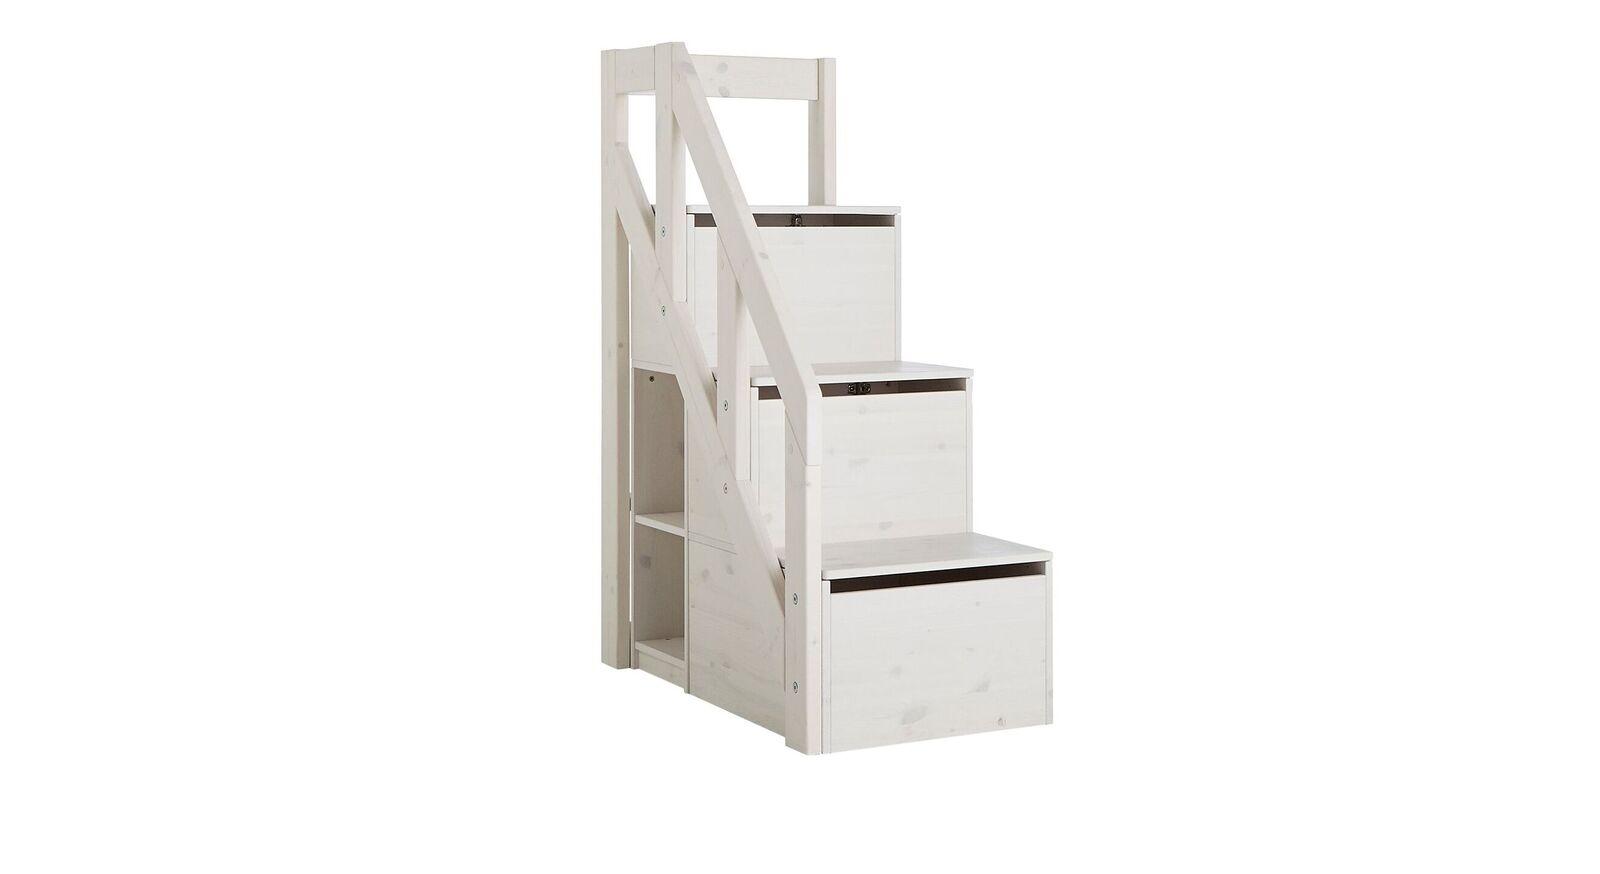 LIFETIME Midi-Hüttenbett Hideout mit hochwertigem Treppenmodul